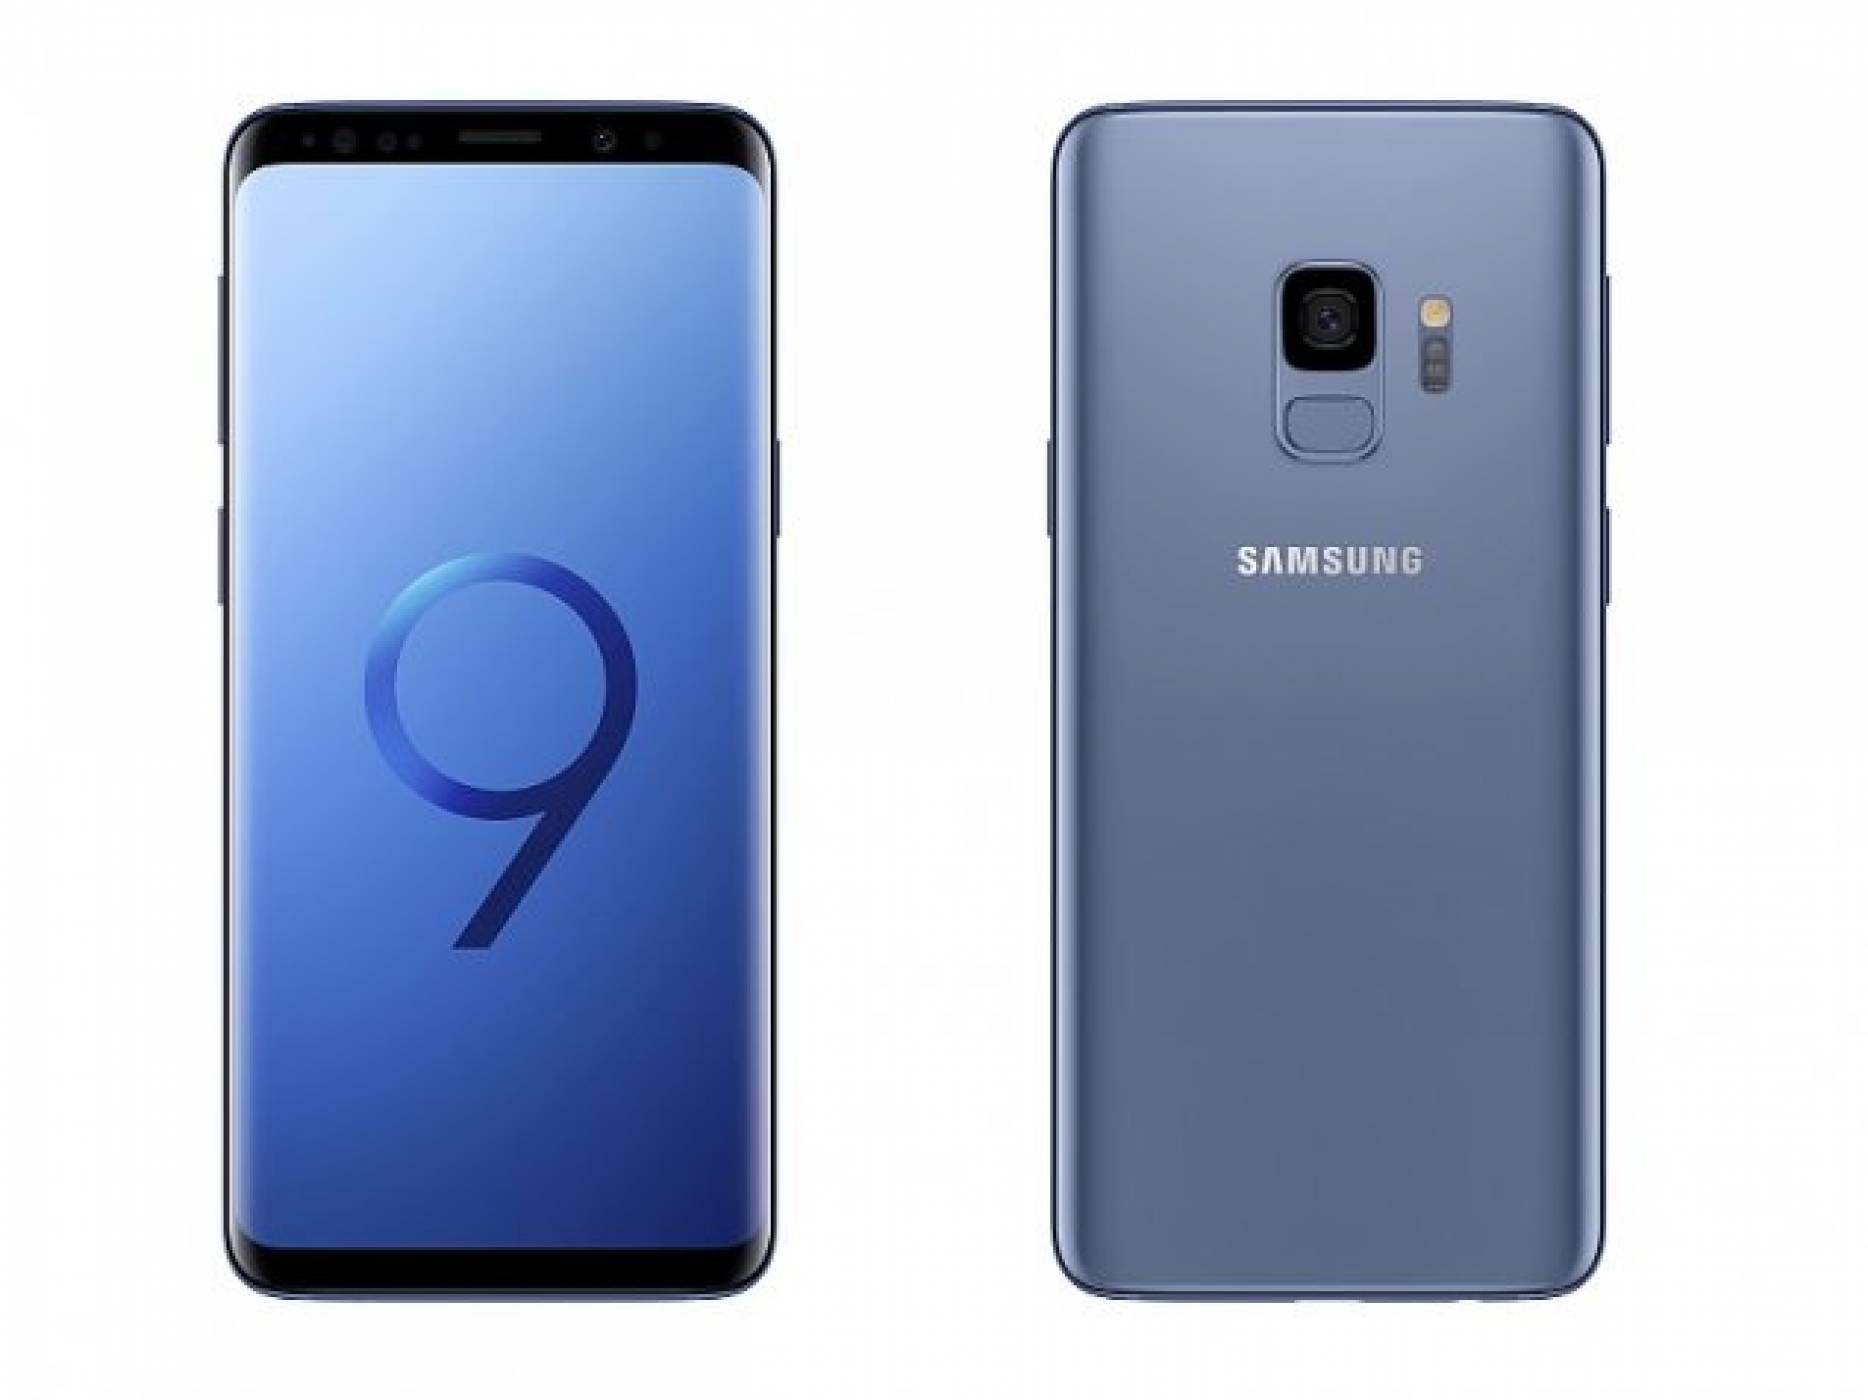 Телефоните на Samsung изпращат снимки без позволение